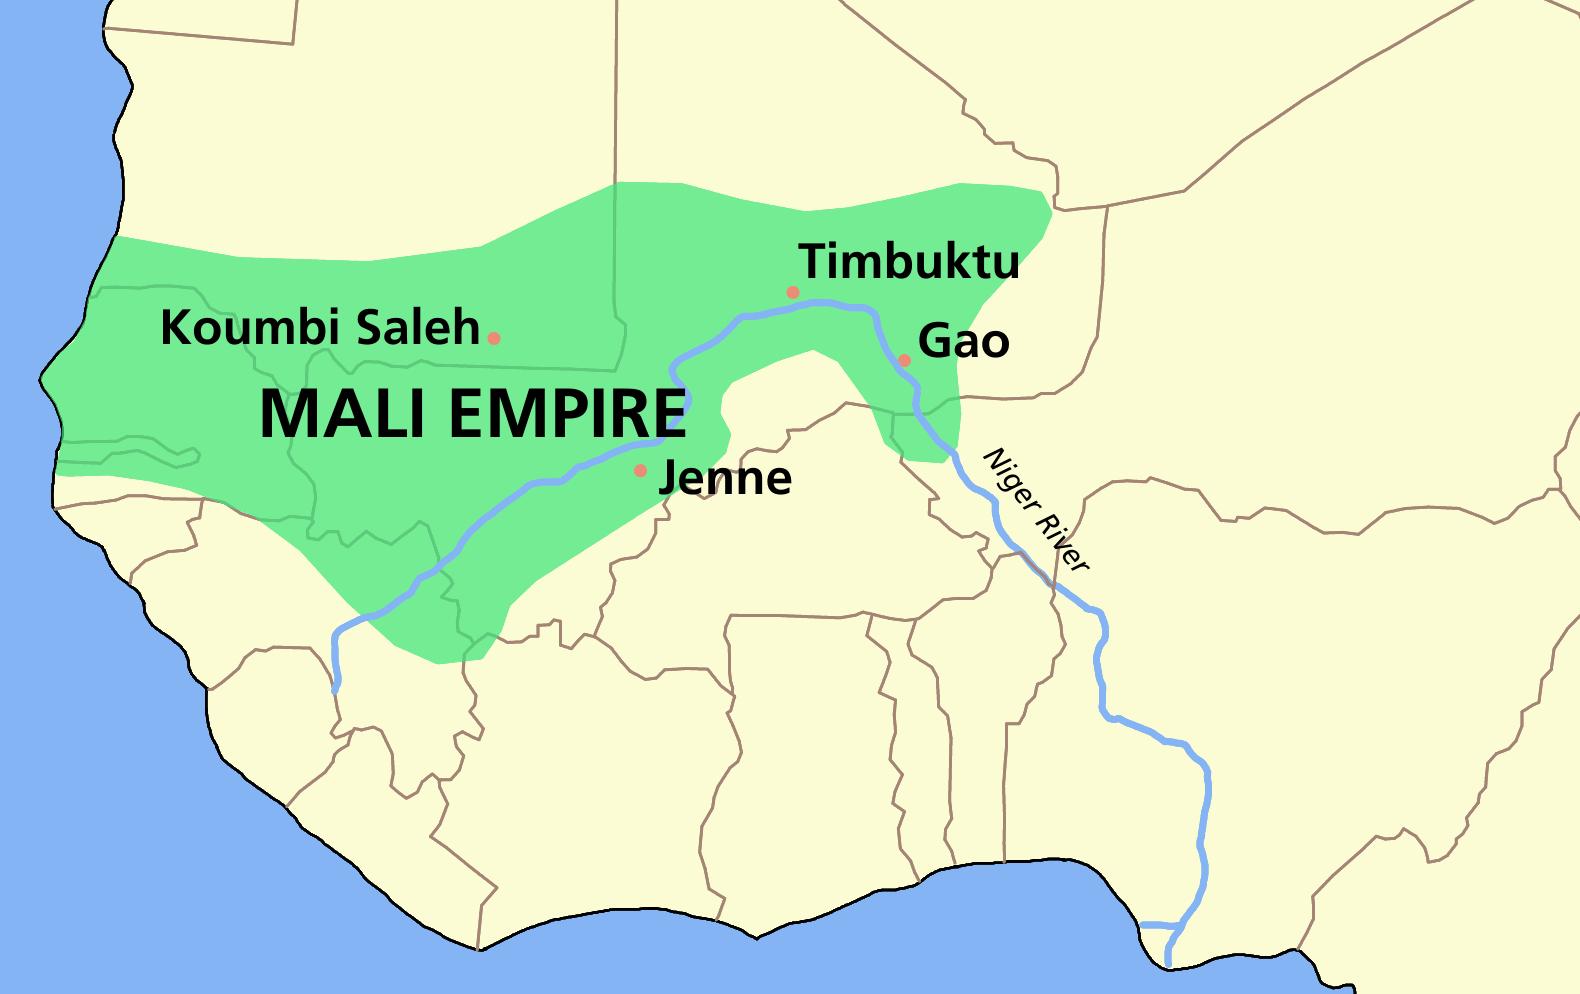 خريطة مالي